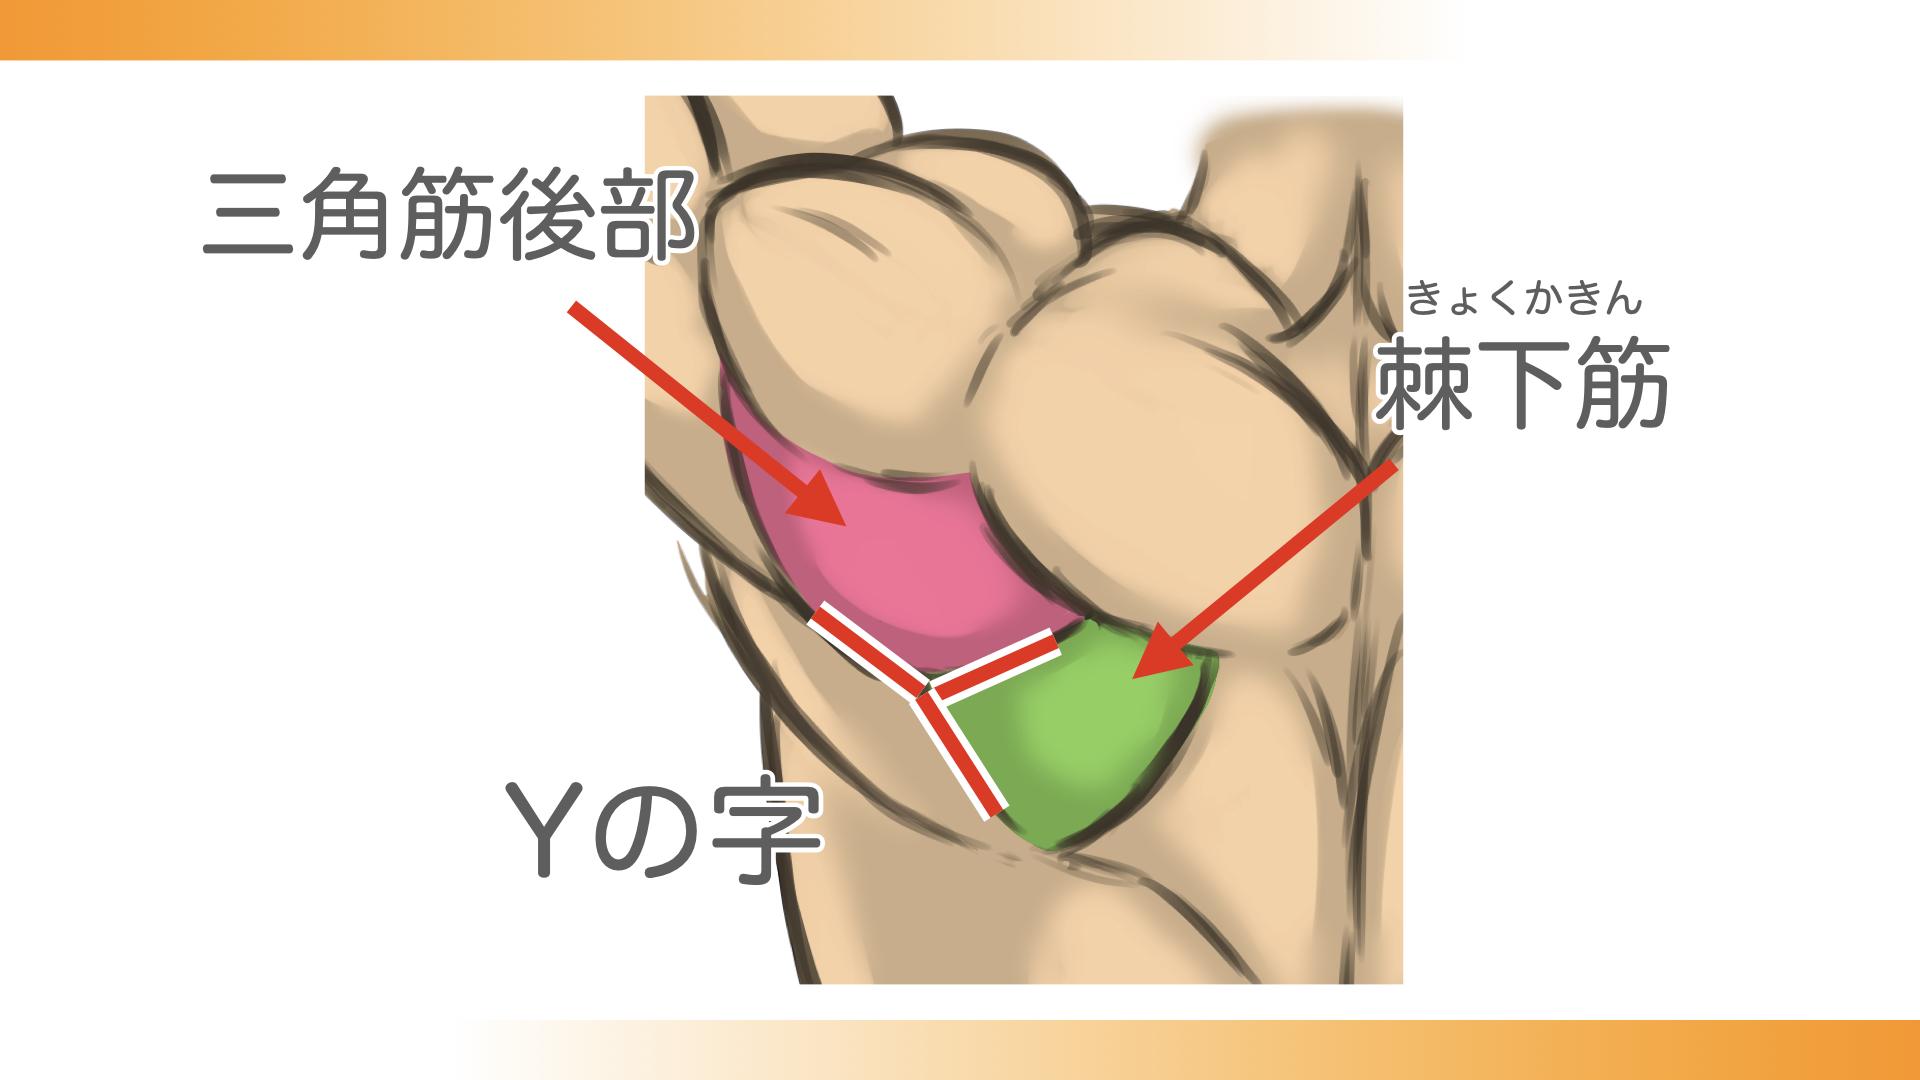 三角筋後部と棘下筋が交わってYの字に見える